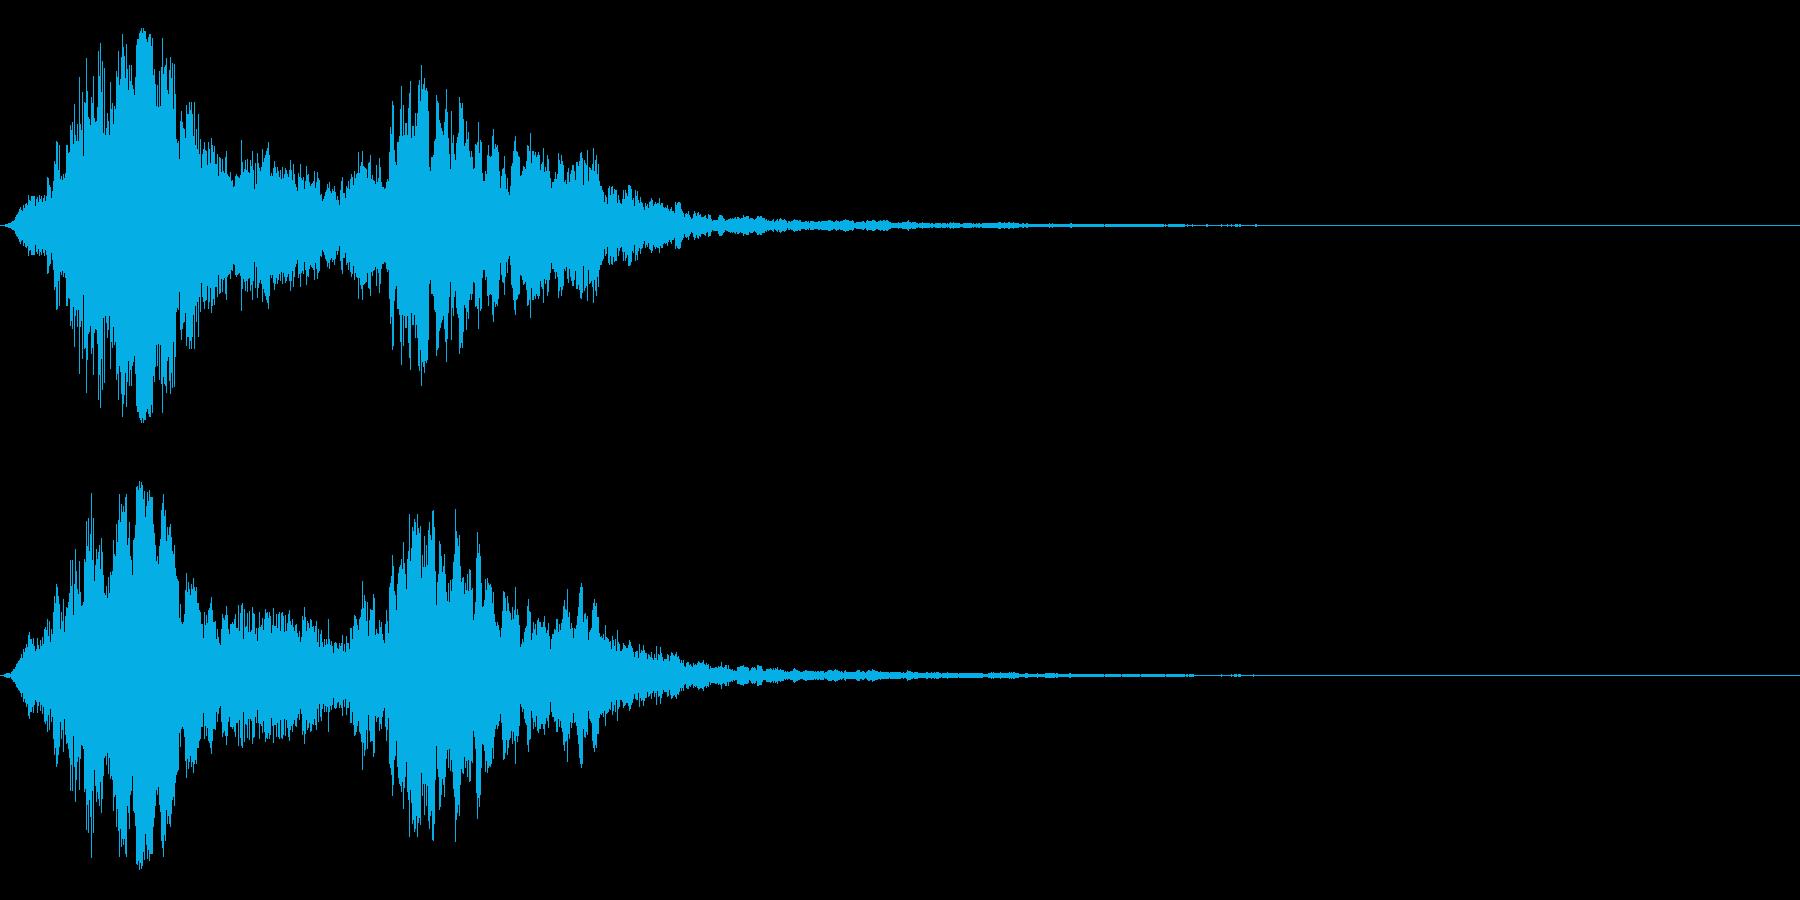 シャキーン キラーン☆強烈な輝き!17bの再生済みの波形